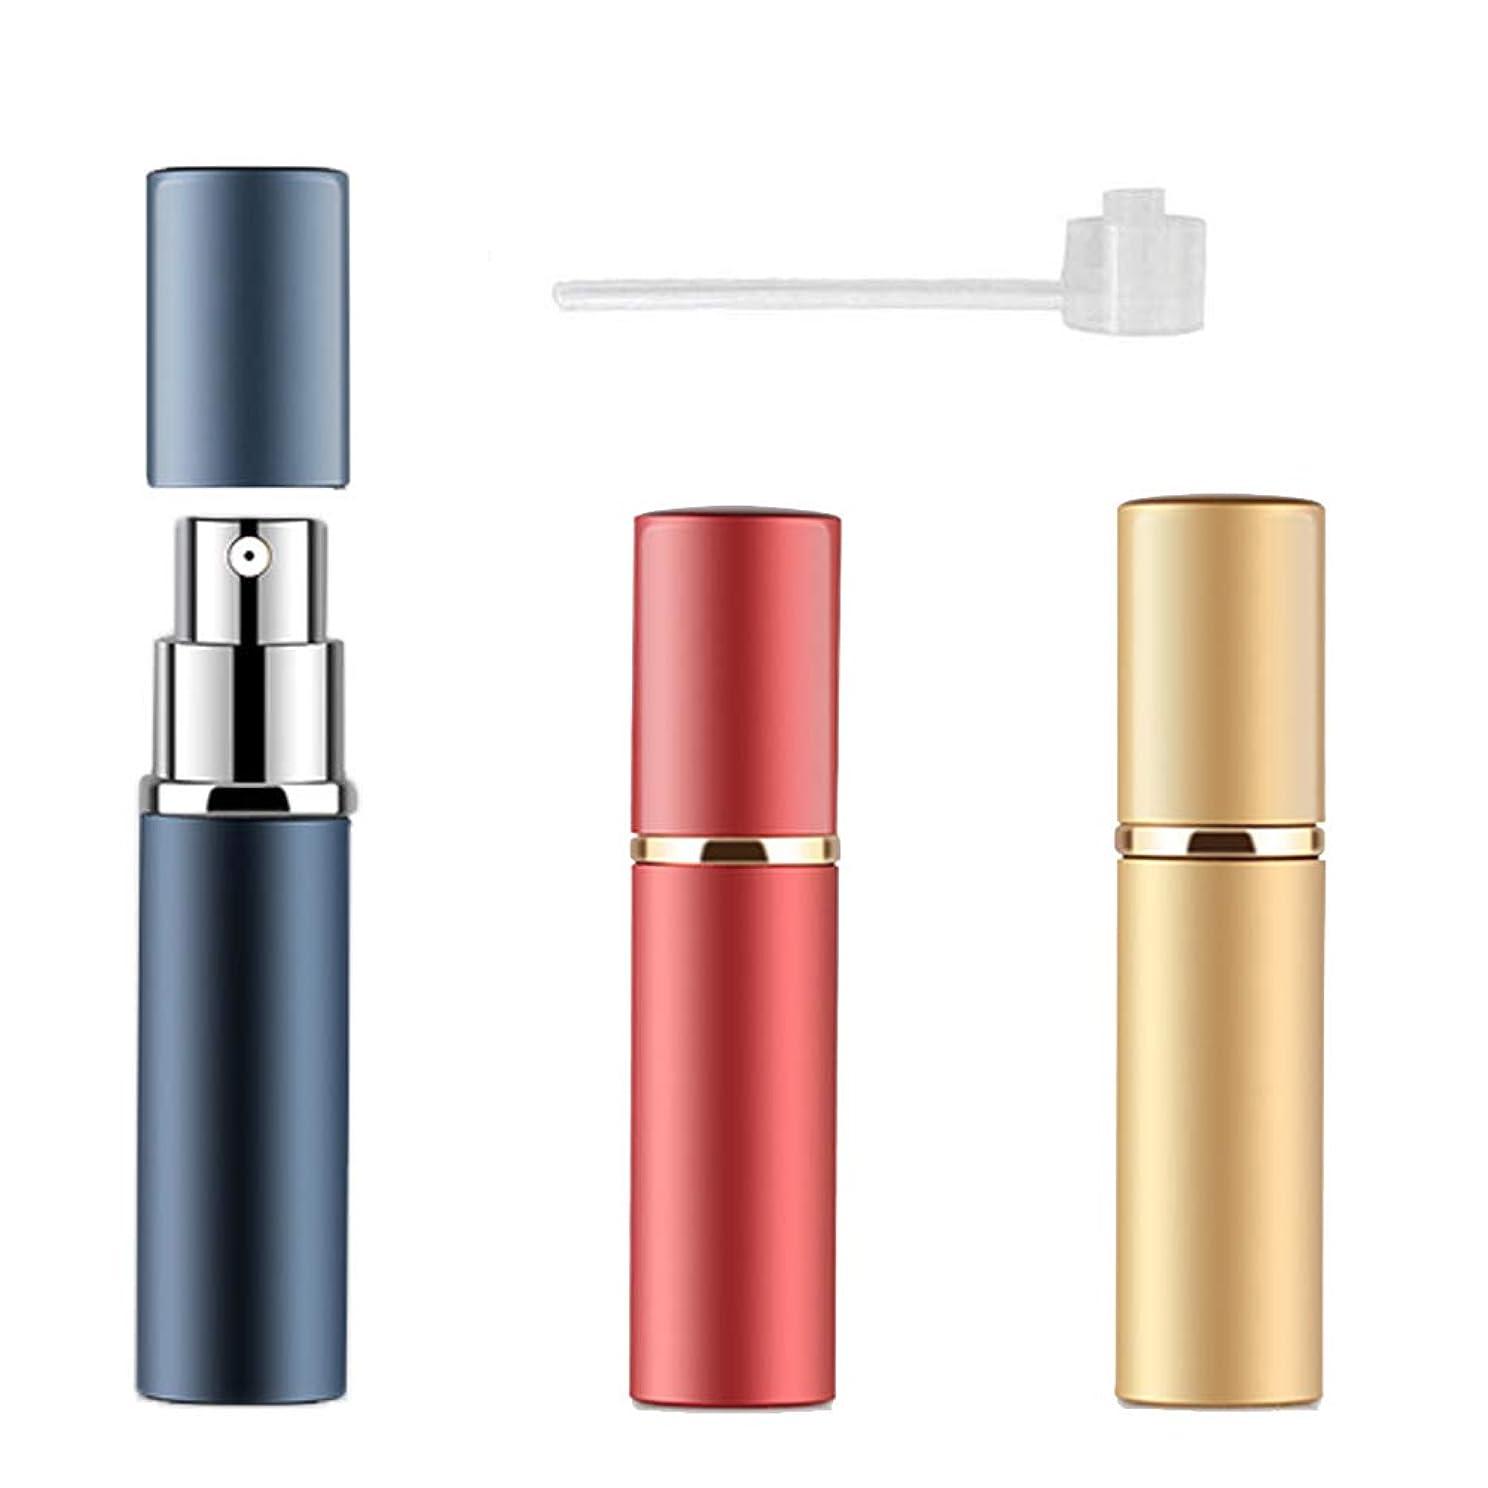 脆いボイラー傾いたアトマイザー 香水 詰め替え容器 スプレーボトル 小分けボトル トラベルボトル 旅行携帯便利 (3色セット)